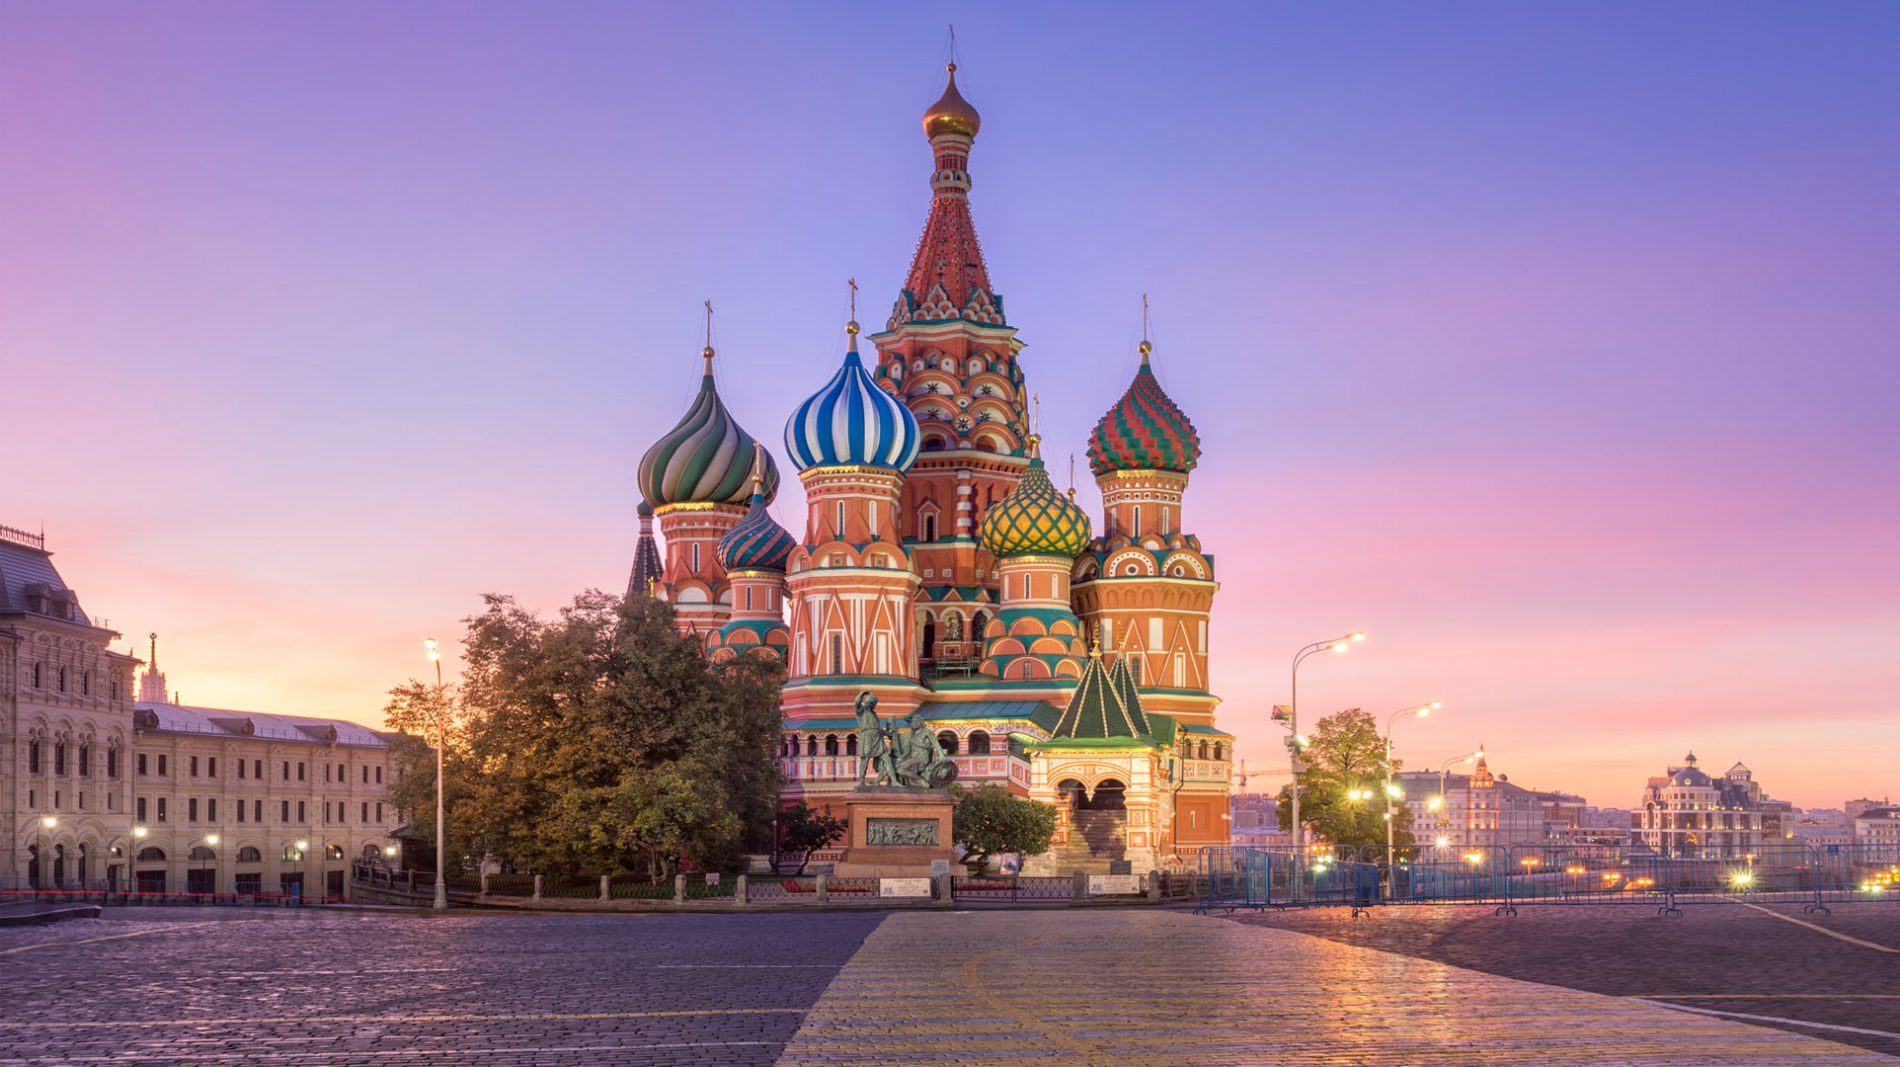 Servicio de traslado durante el Copa del Mundo en Moscú desde Vnukovo Aeropuerto Internacional hasta Courtyard by Marriott Moscú City Centre y viceversa.